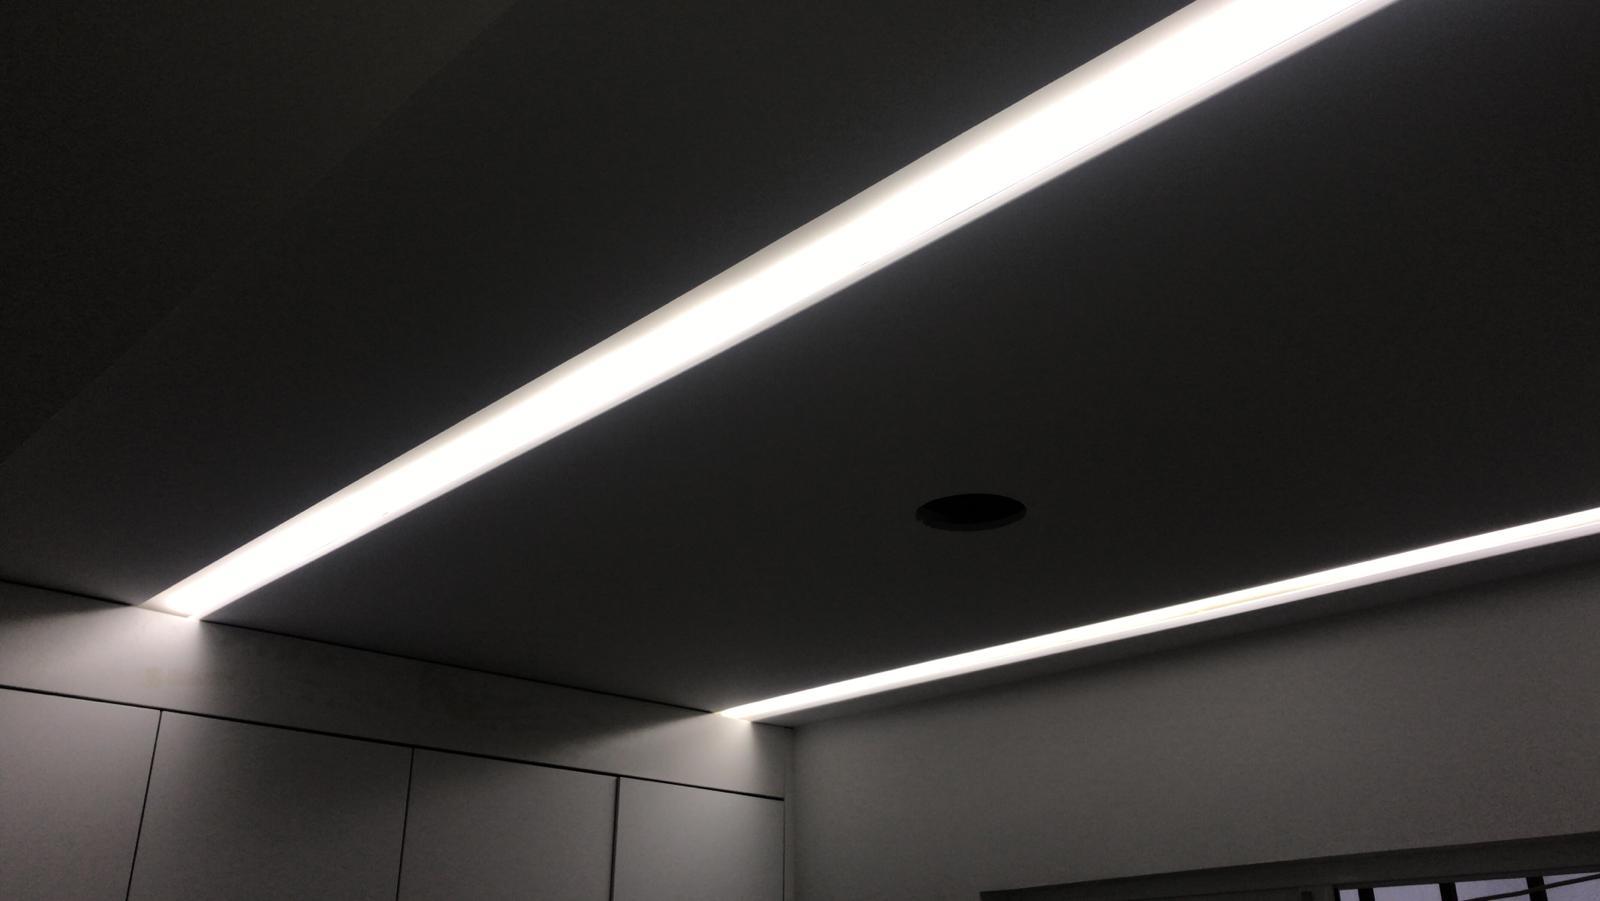 Detalle de Instalación de electricidad y proyecto